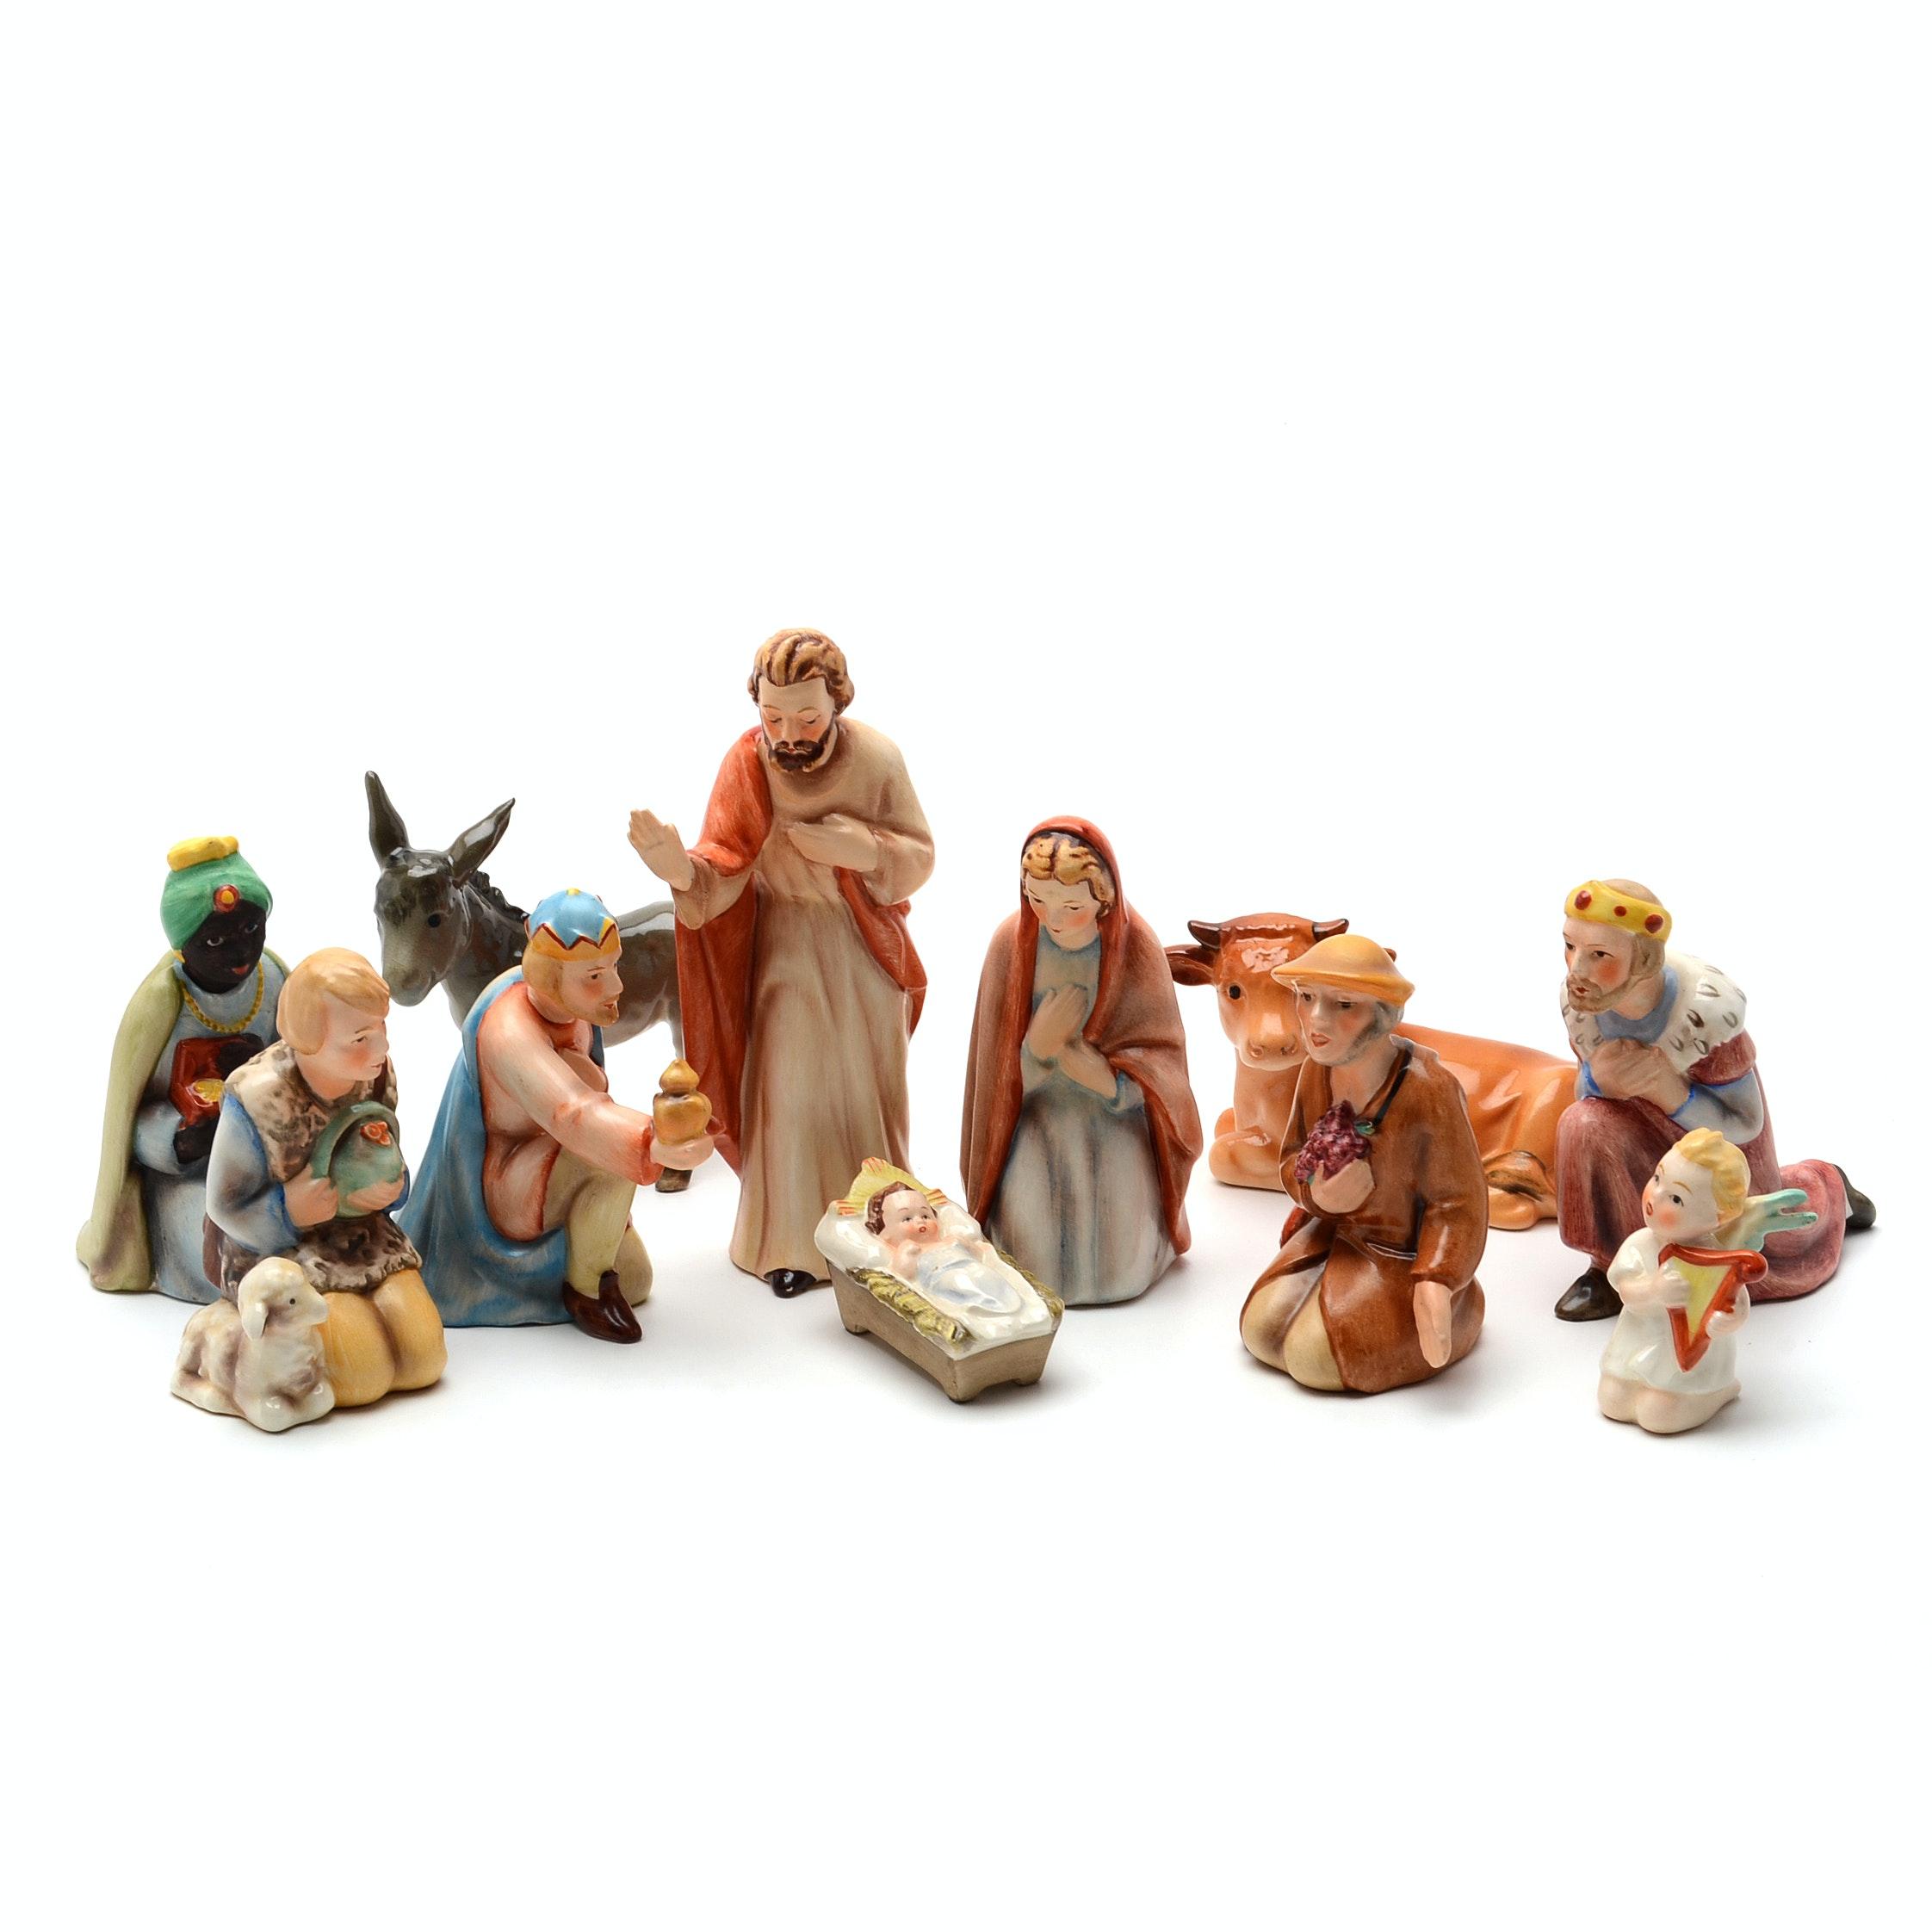 Vintage Goebel Porcelain Nativity Figurines